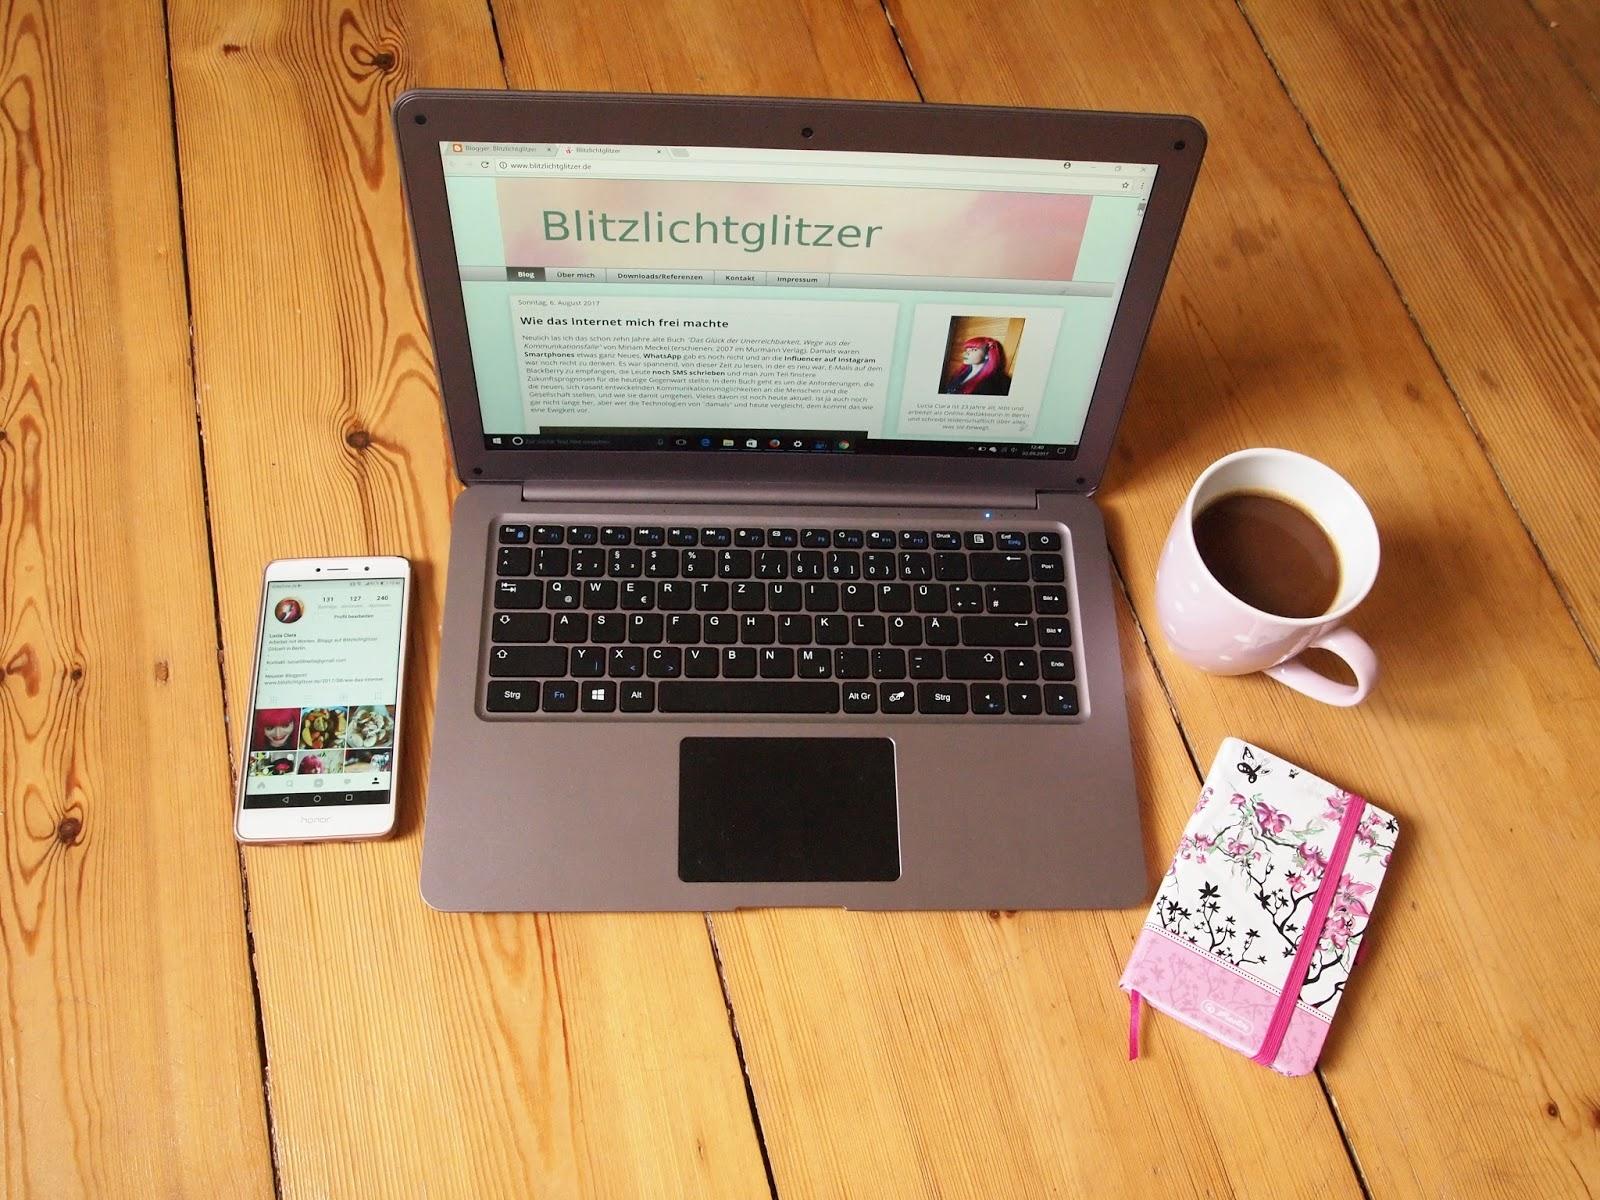 Laptop mit geöffneter Blitzlichtglitzer-Seite, Handy, rosa Notizbuch und rosa Kaffeetasse mit weißen Punkten stehen auf Holzdielenboden